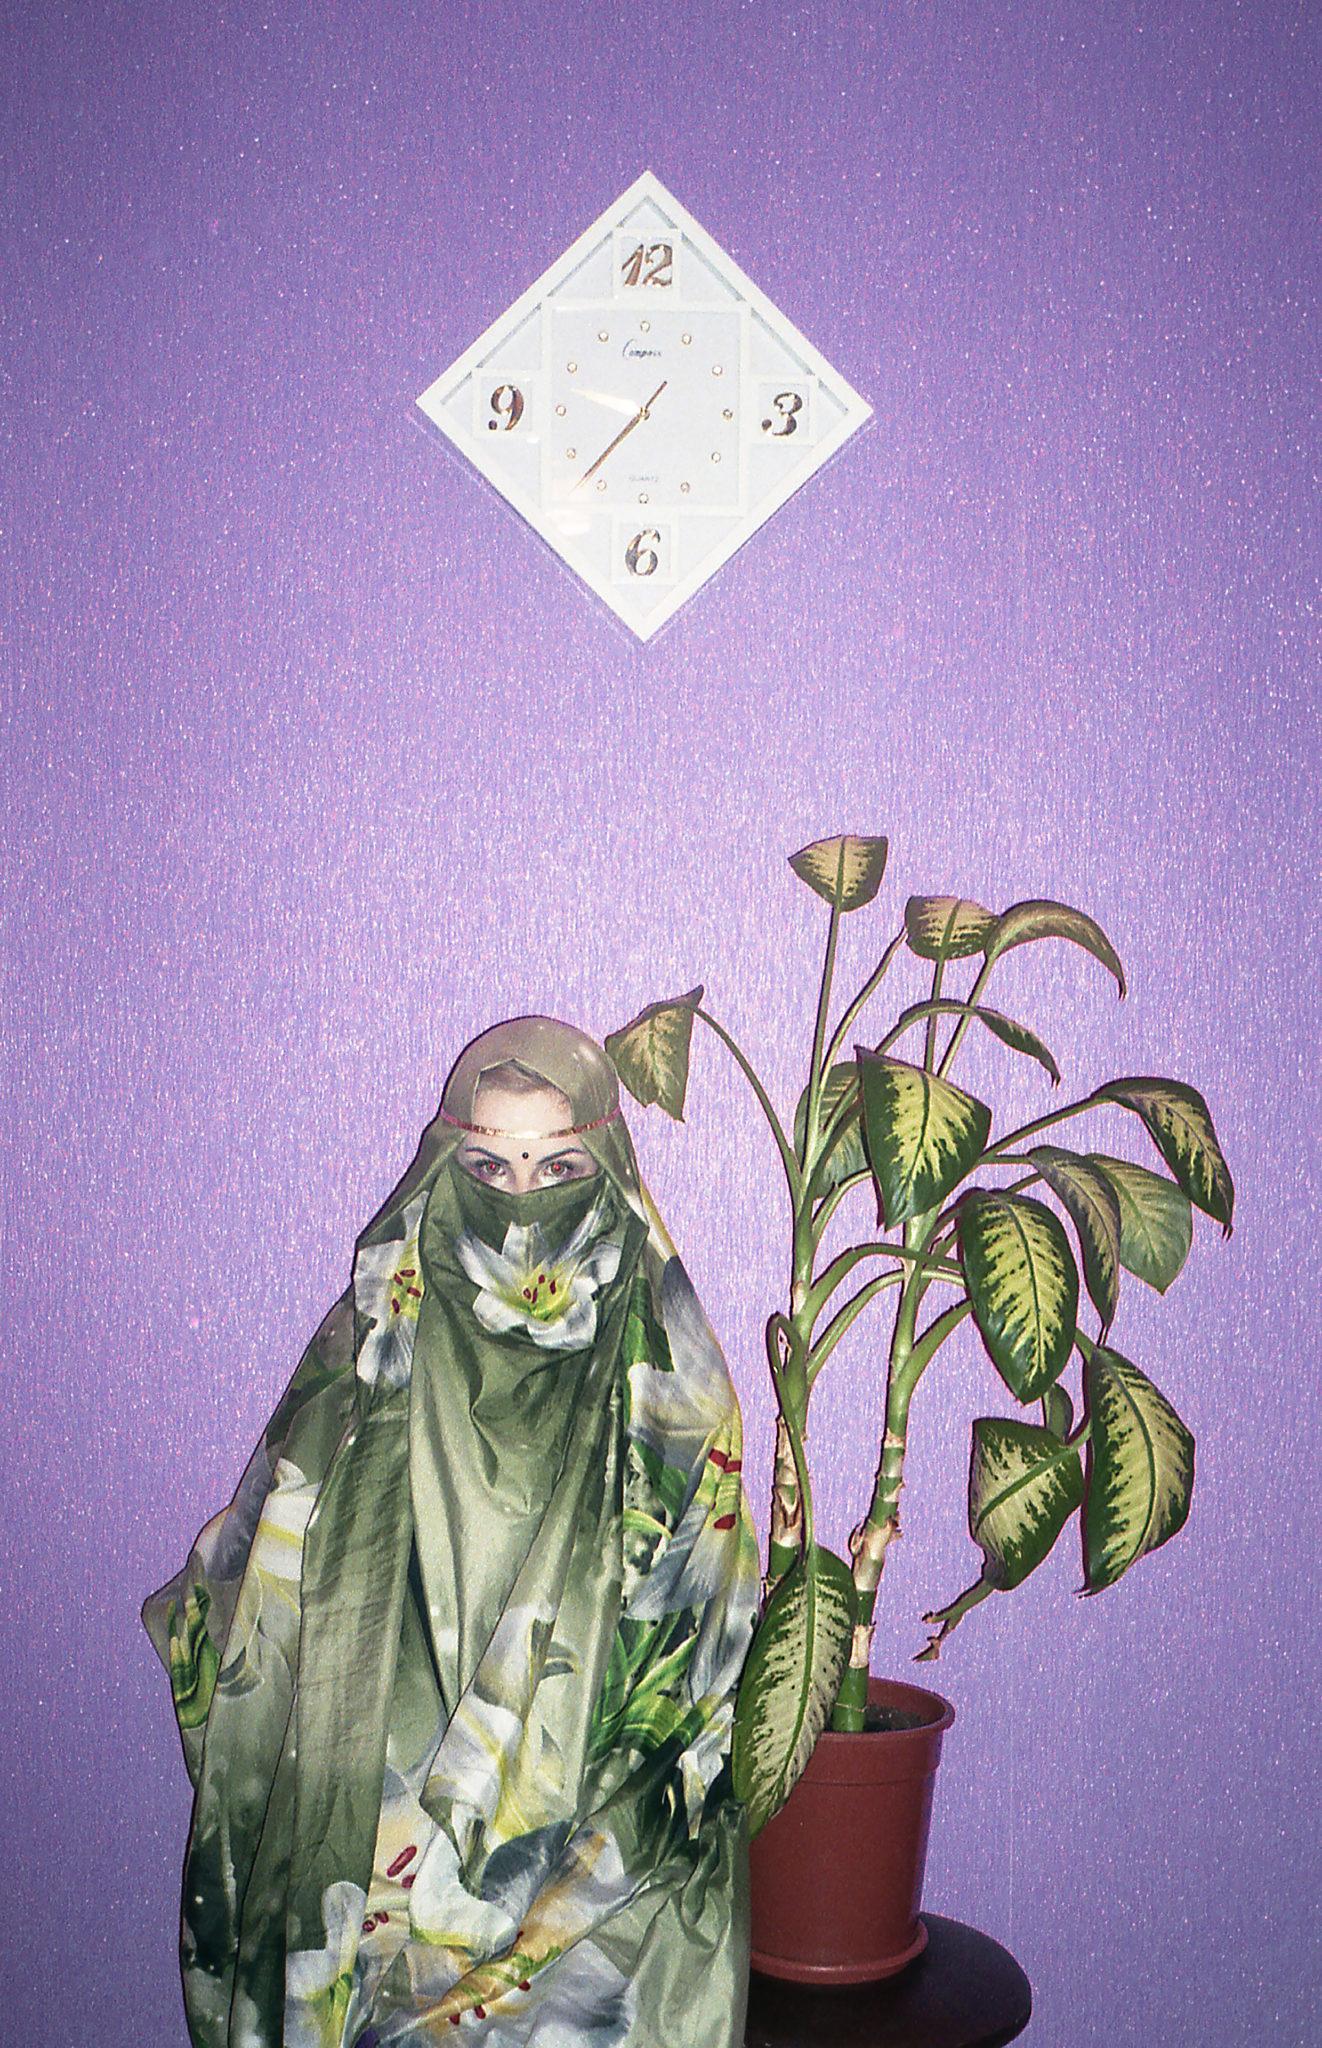 Młoda kobieta stoi ubrana w burce z kwiatami. Przy niej stoi roślina w doniczce, a nad nią znajduję się zegar w kształcie kwadratu.